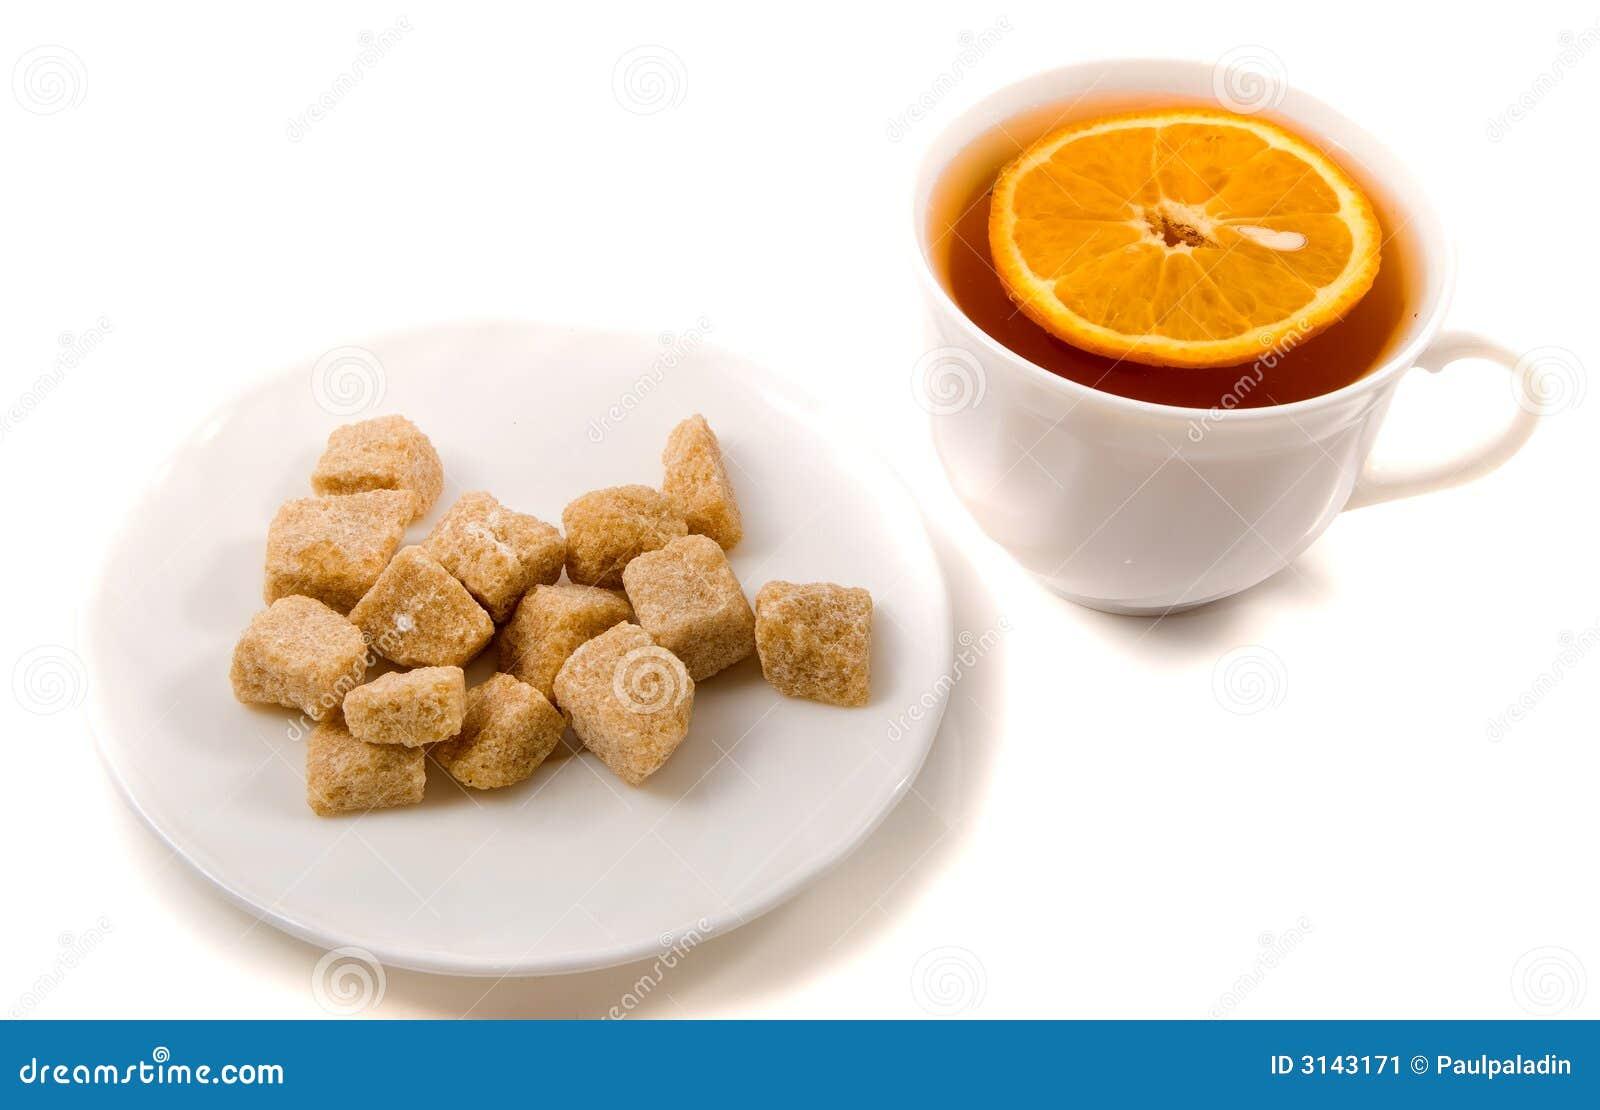 Tè e zucchero di canna di colore marrone